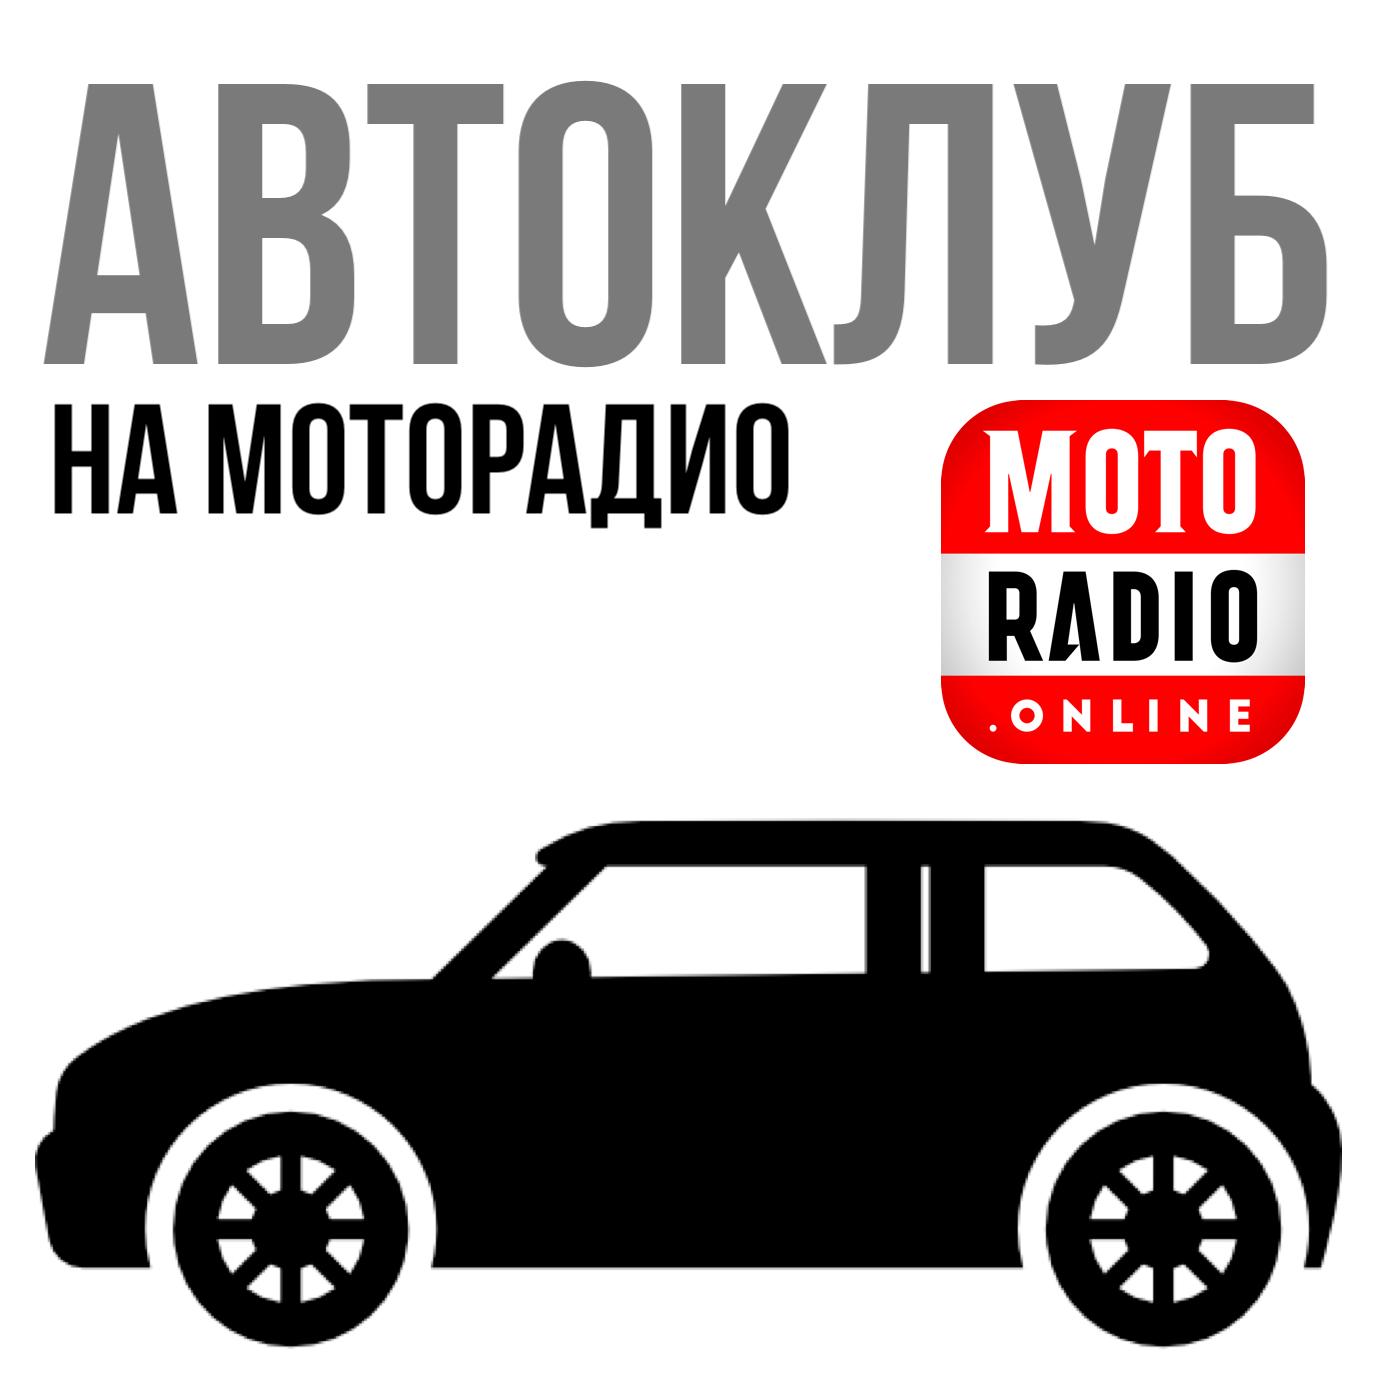 Александр Цыпин Как не упустить момент и предупредить неисправность автомобиля?